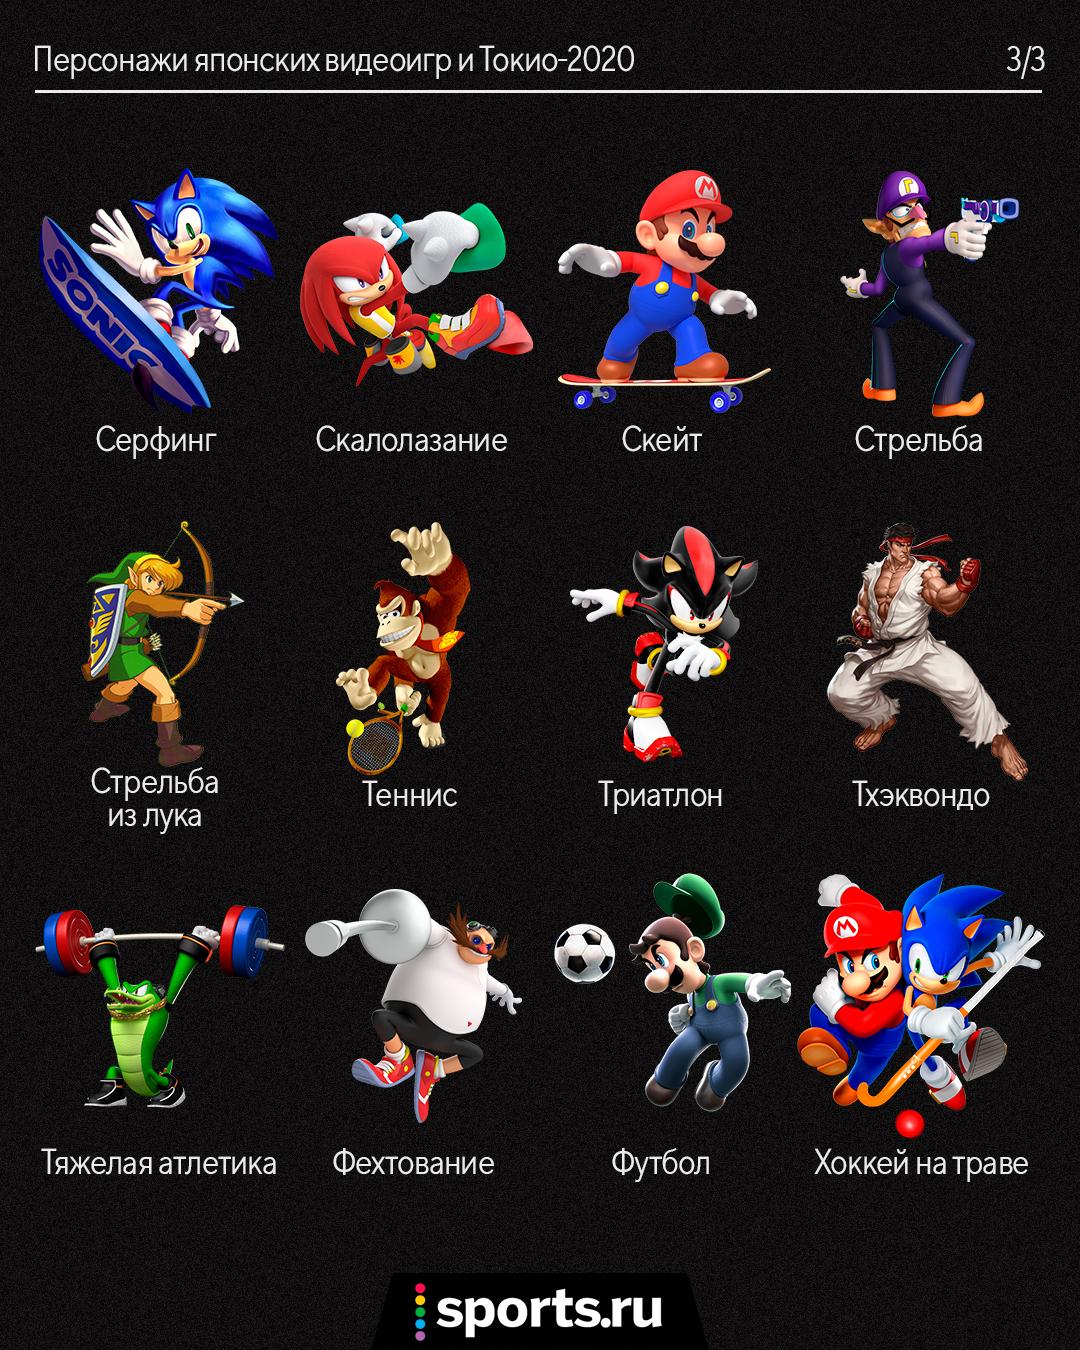 Что получится, если совместить культовых героев японских видеоигр со спортом? Красота, не иначе!